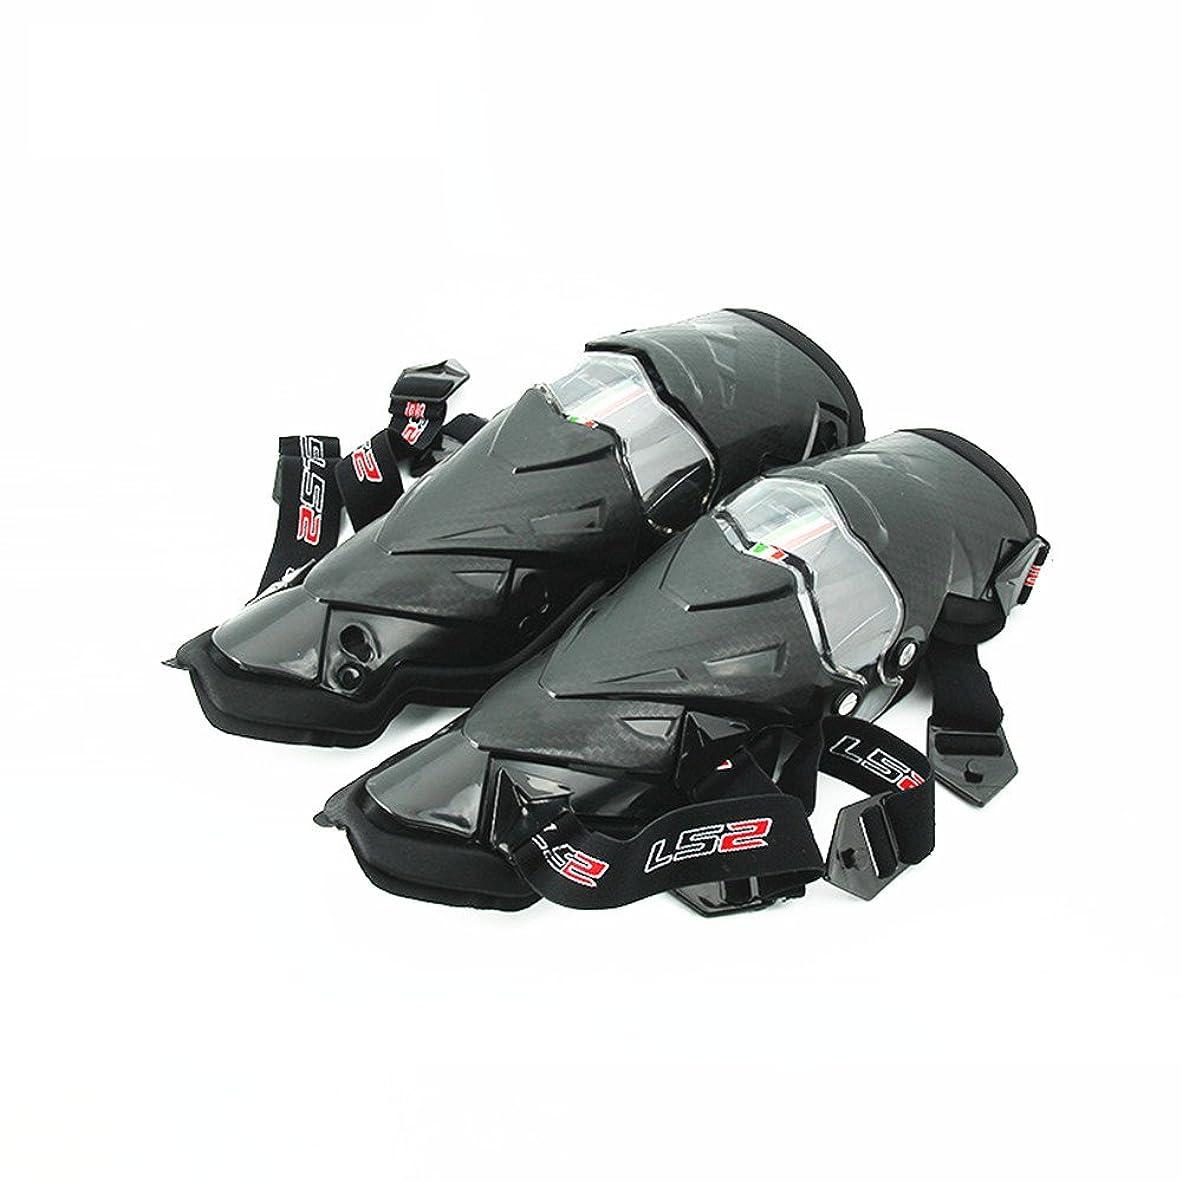 変形堂々たる会議オートバイのニーパッドアウトドアライディング粉砕防止の保護装置オートバイオフロードライディングの保護装置保護装甲乗馬スケートスキー 花火アウトドア必需品